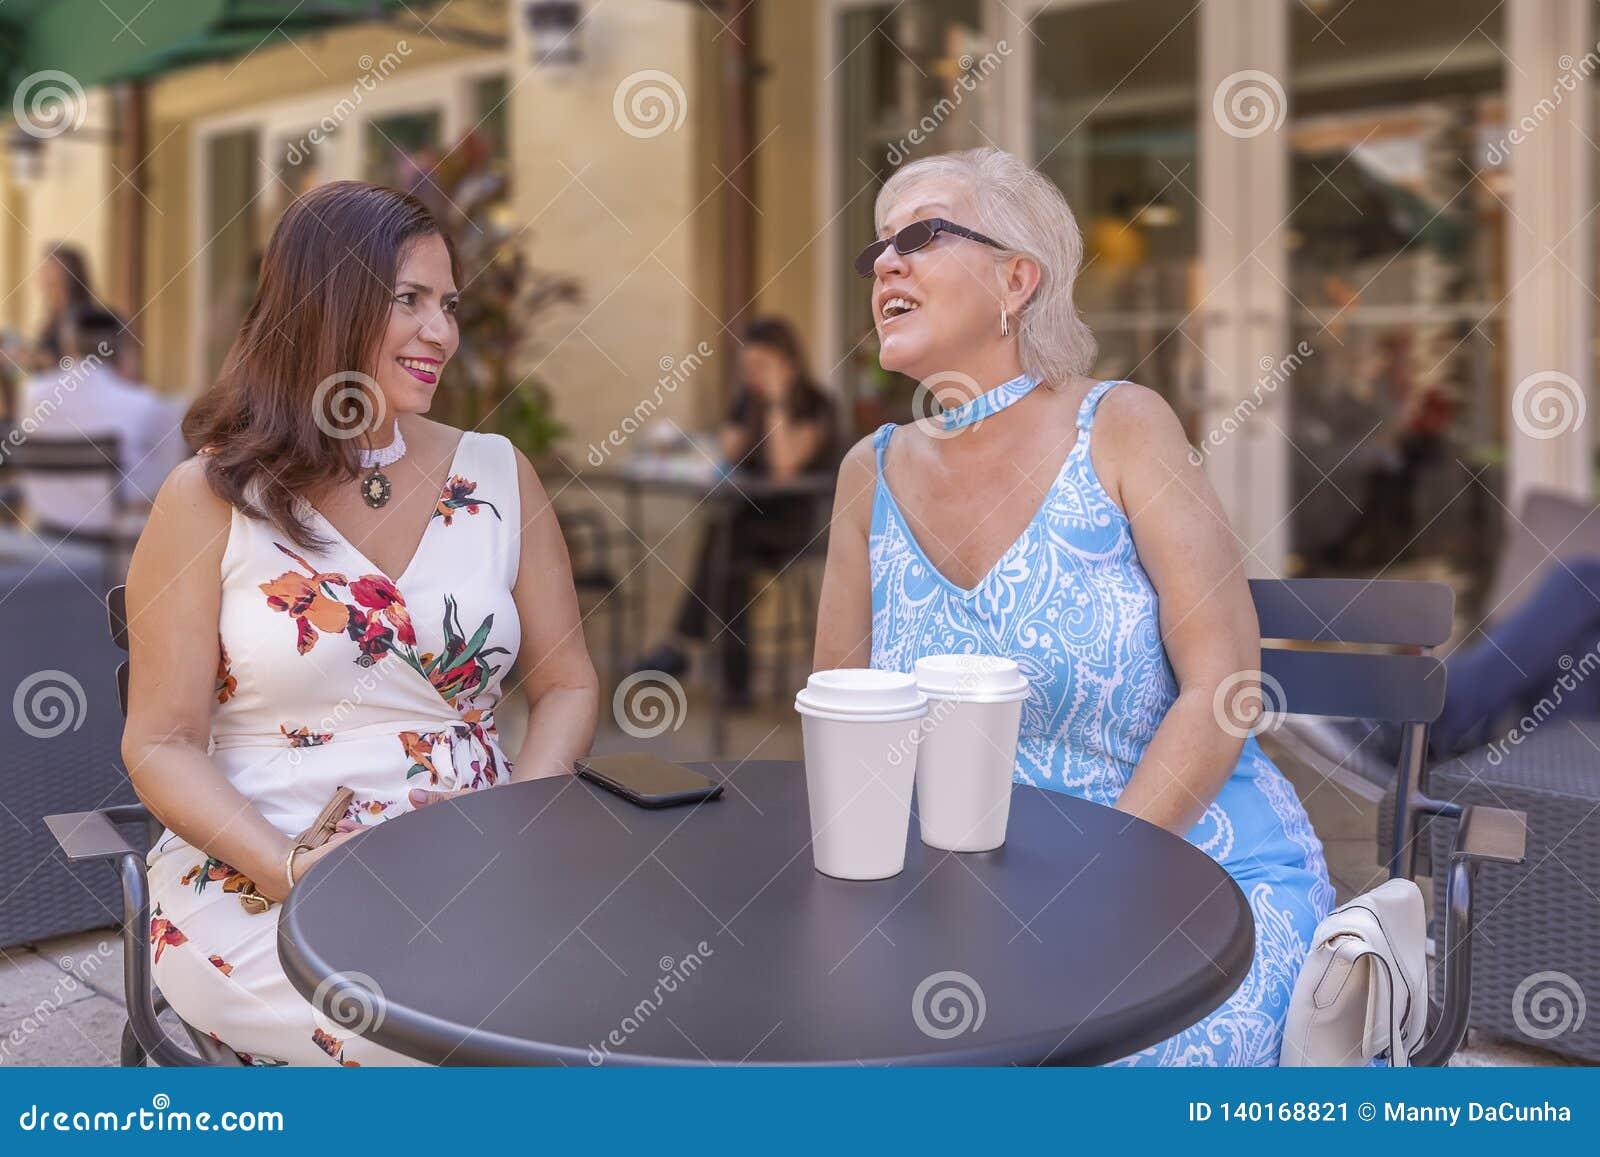 2 зрелых дамы наслаждаются чашкой кофе на на открытом воздухе кафе